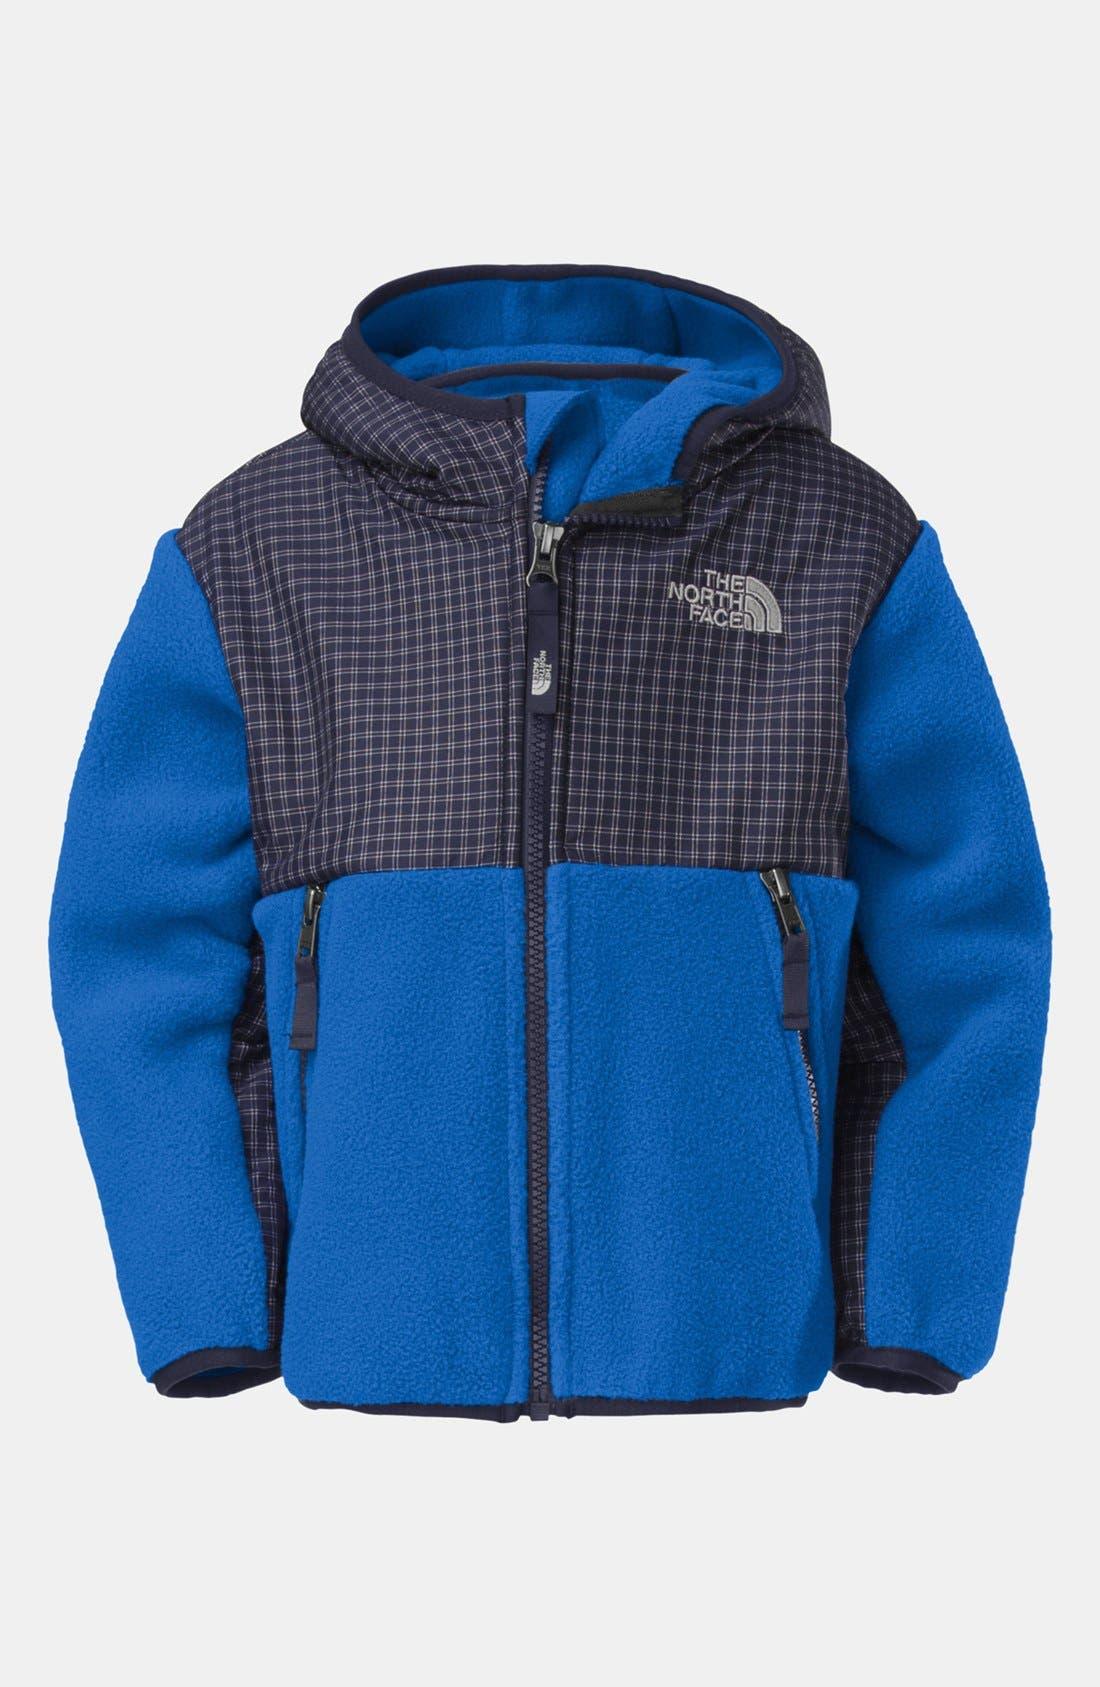 Main Image - The North Face 'Denali' Polartec® Fleece Hoodie (Toddler Boys)